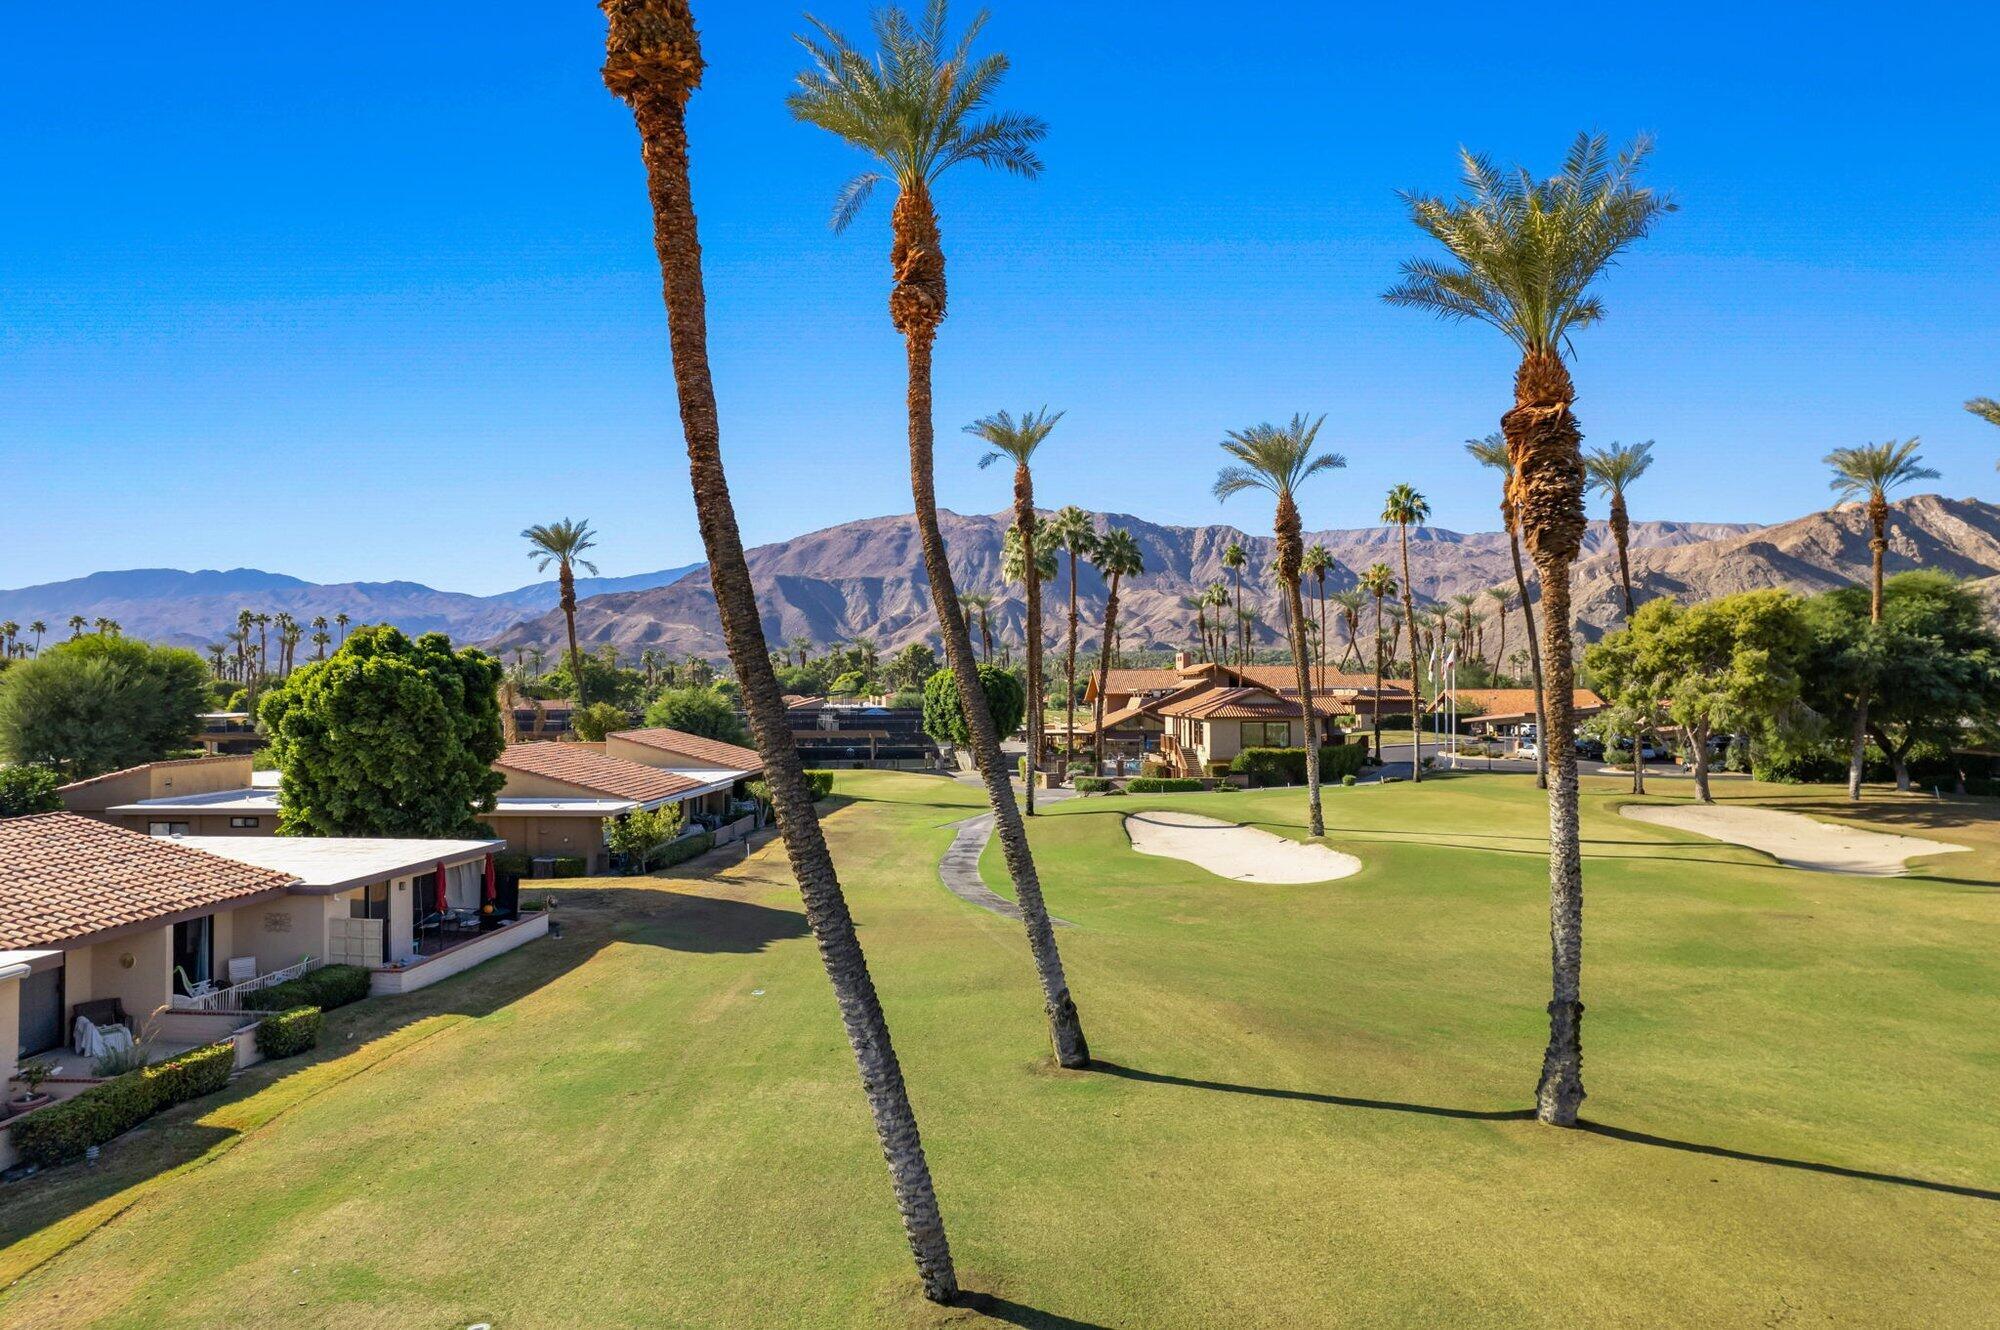 44 La Ronda Drive, Rancho Mirage, CA 92270